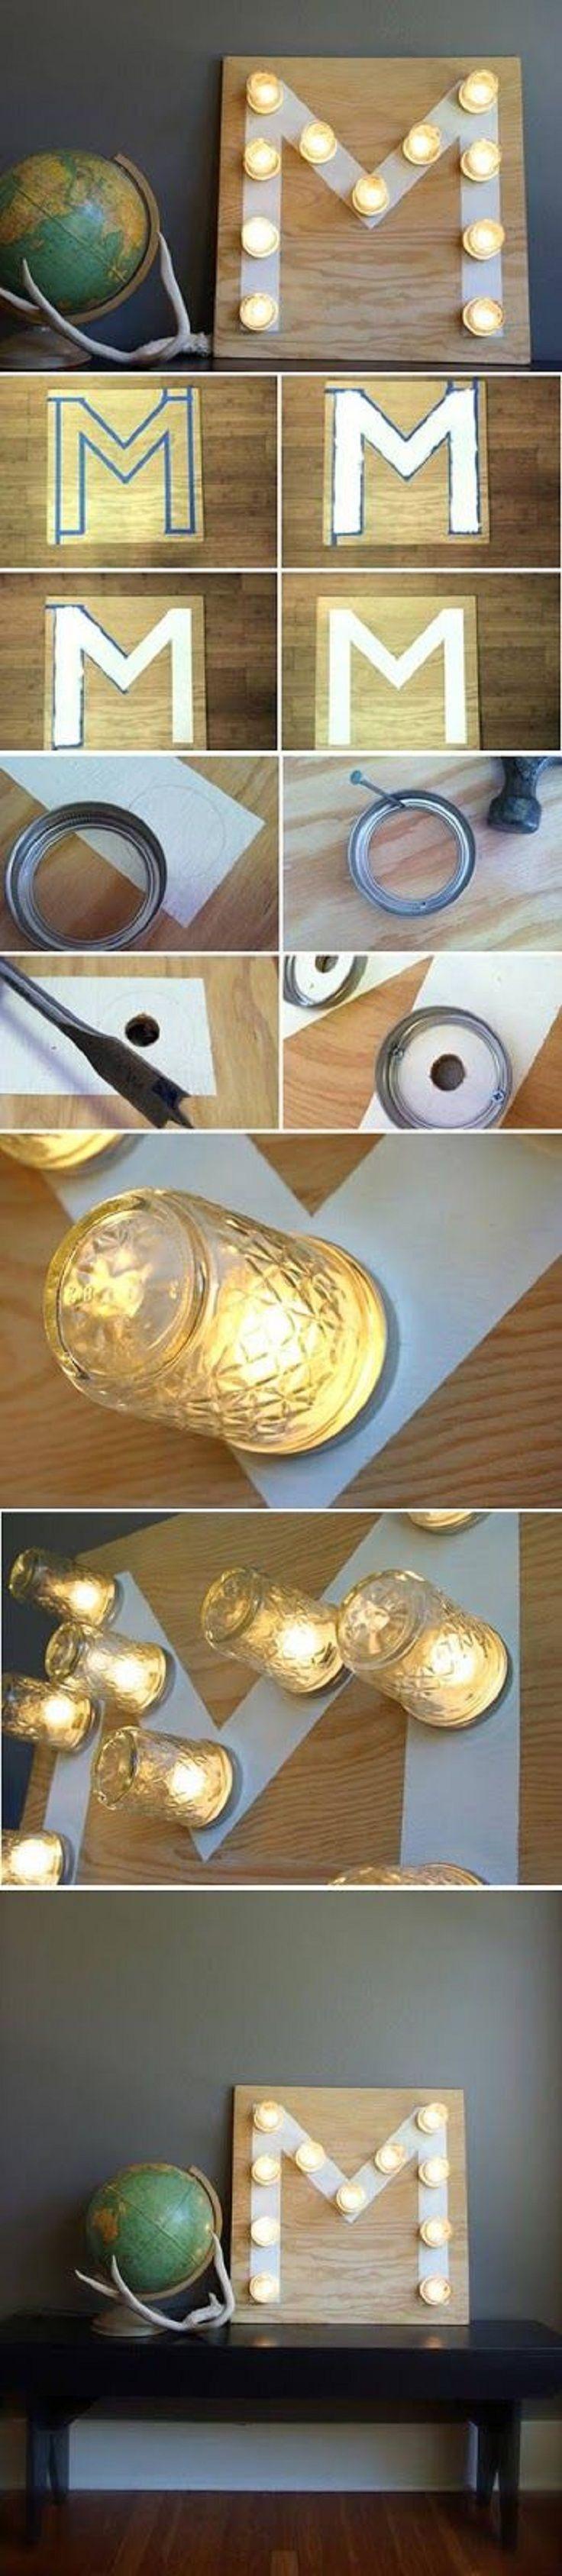 Top 10 Home decor DIY tutorials